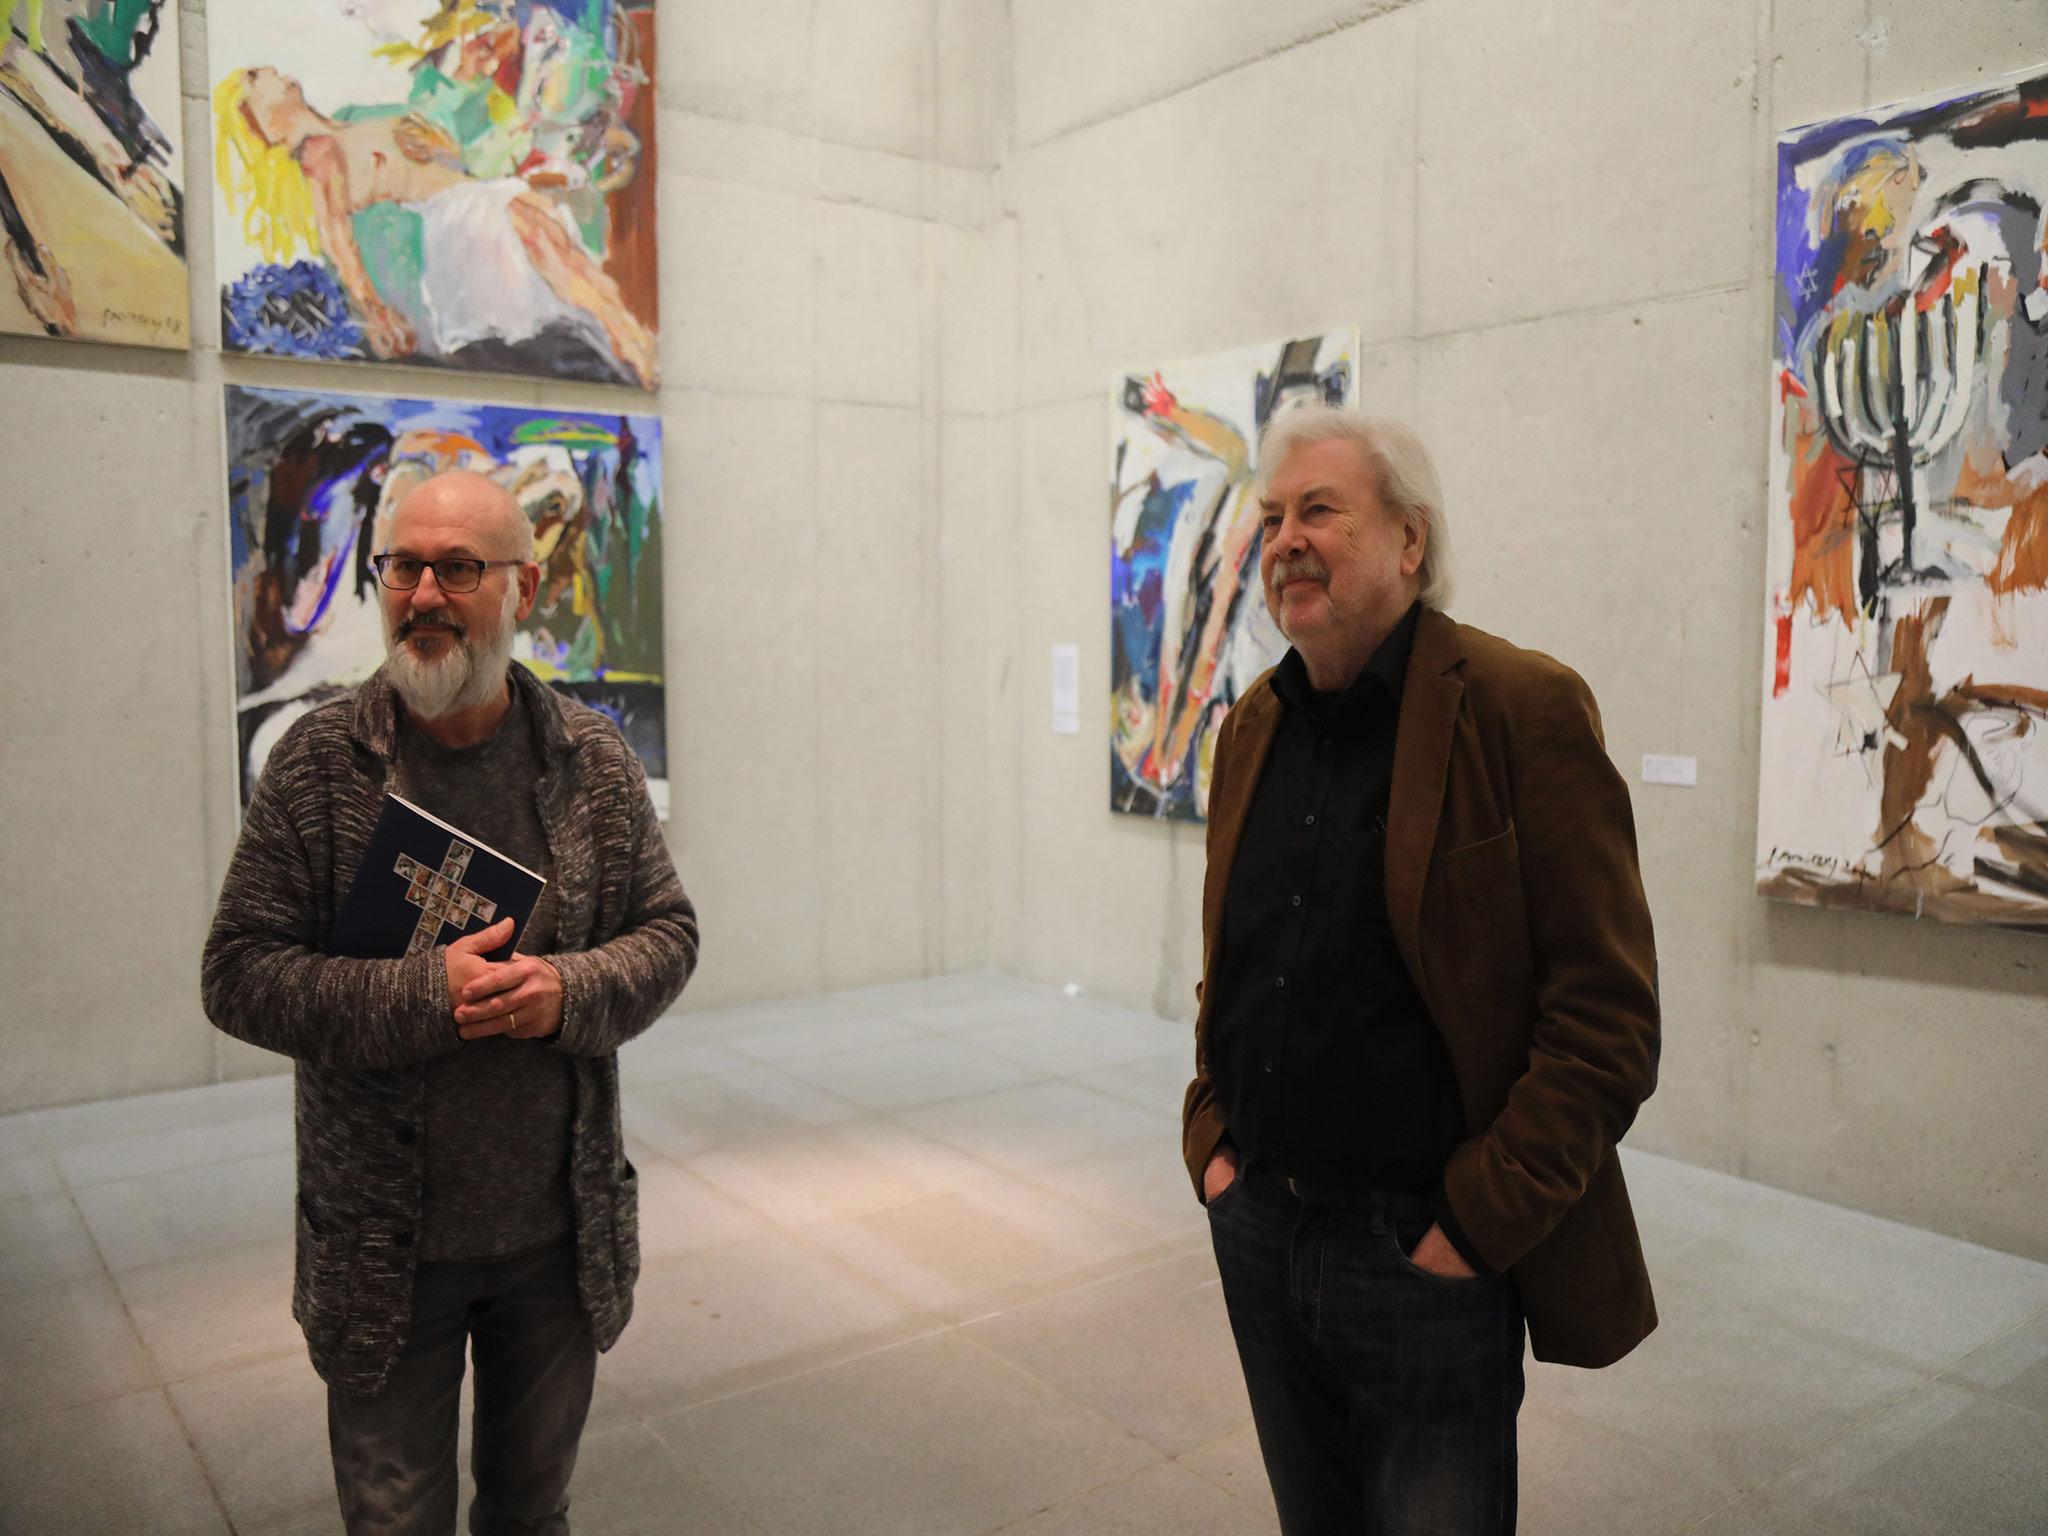 Michael Koller und Cäsar. W Radetzky erläutern die Werke der Ausstellung. Foto: Markus Hauck